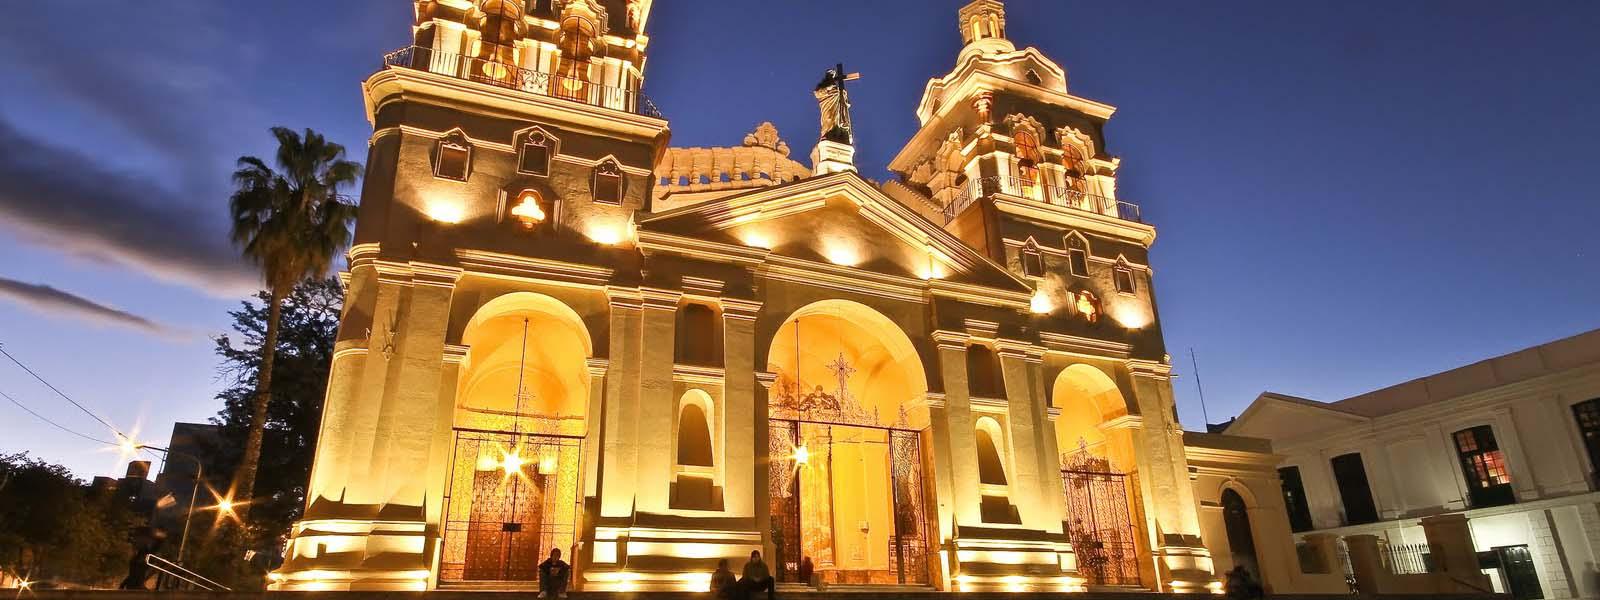 OCIO: ¿Qué podés hacer en Semana Santa en Córdoba?